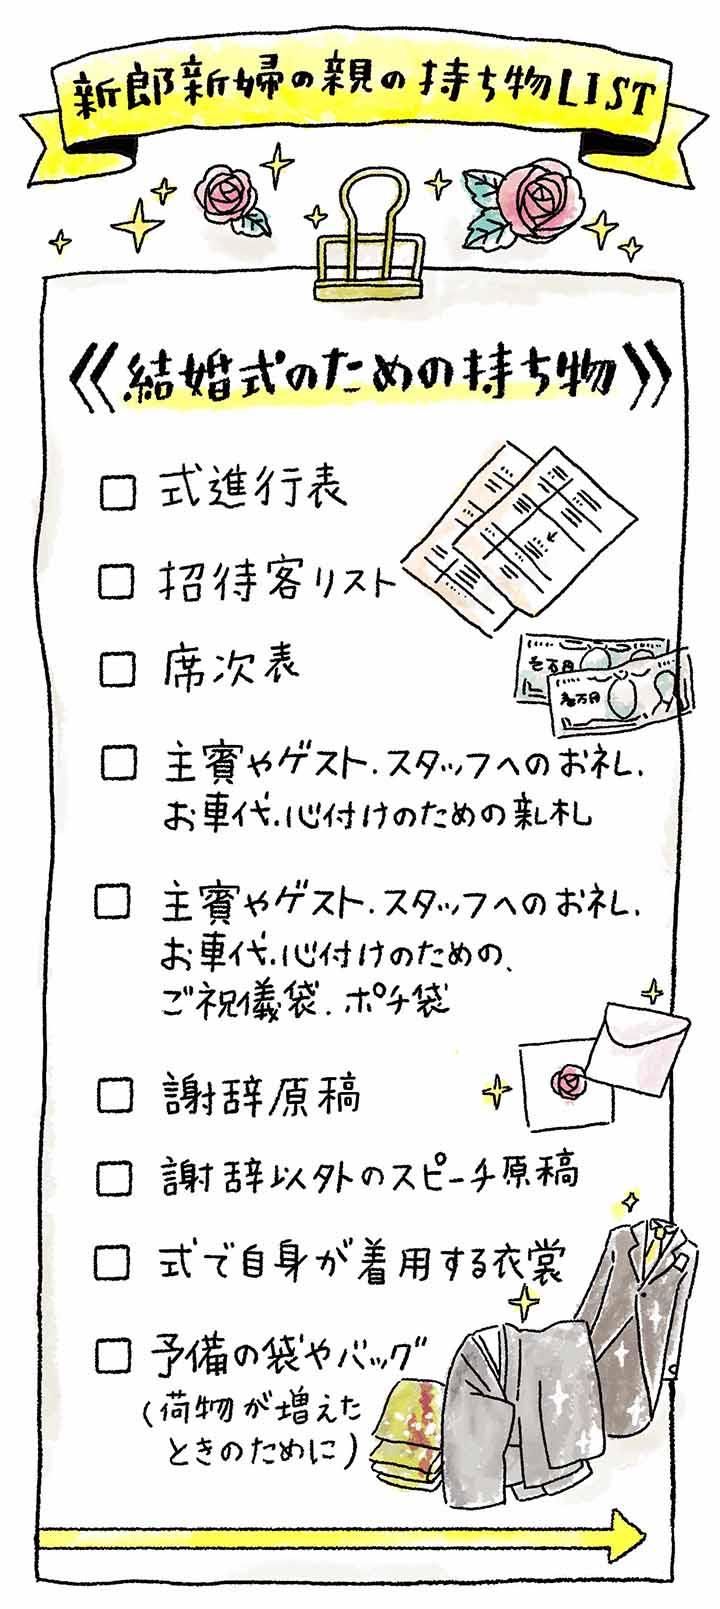 持ち物リスト1